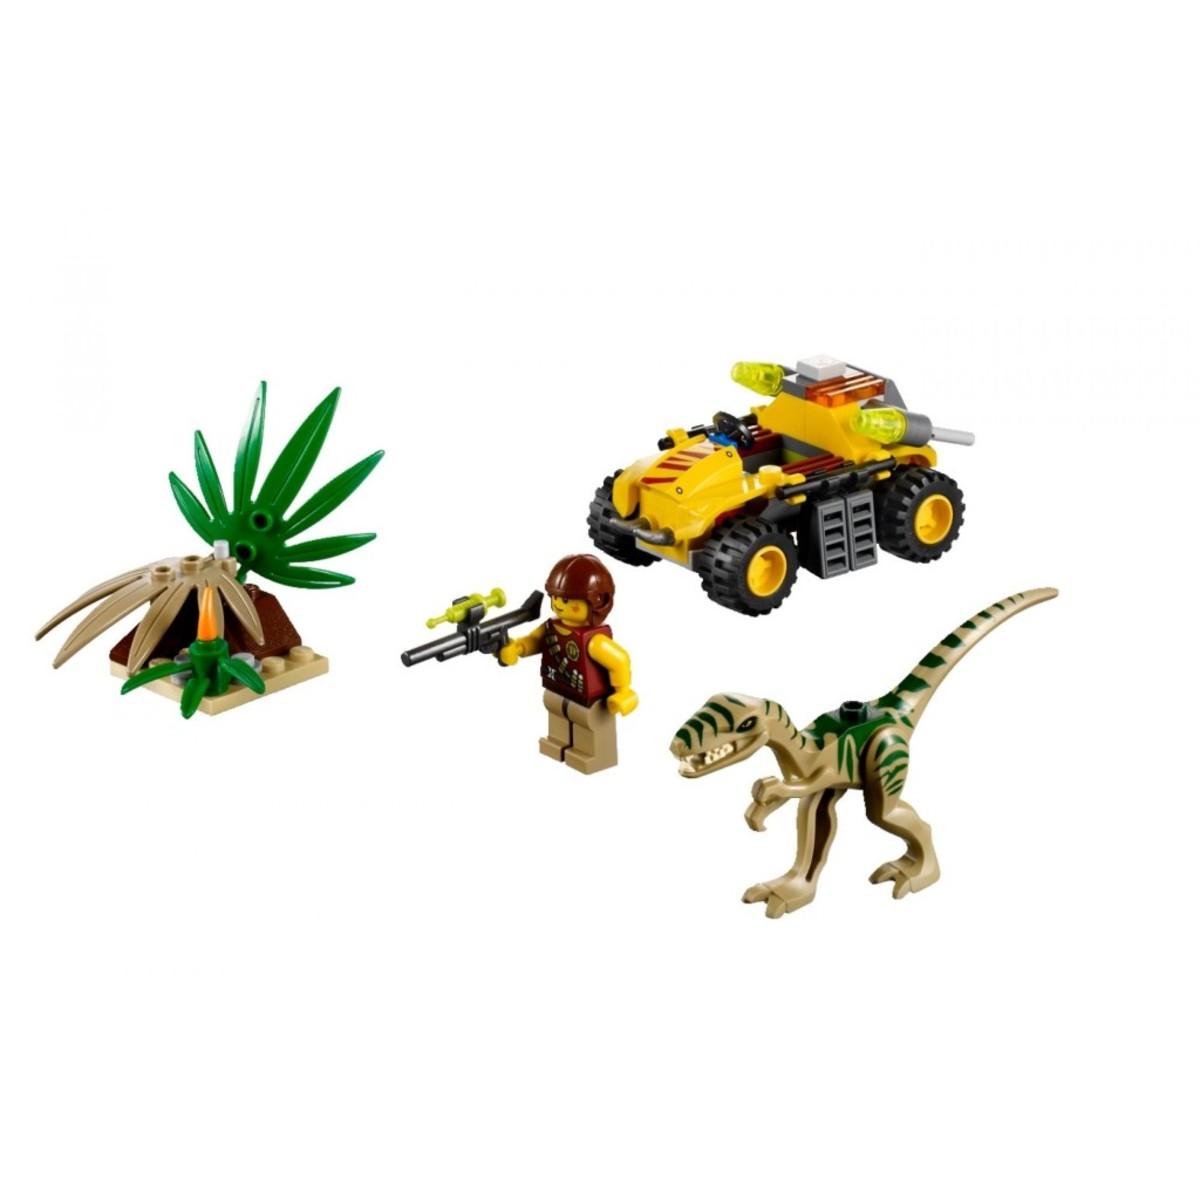 LEGO Dino Ambush Attack 5882 Assembled